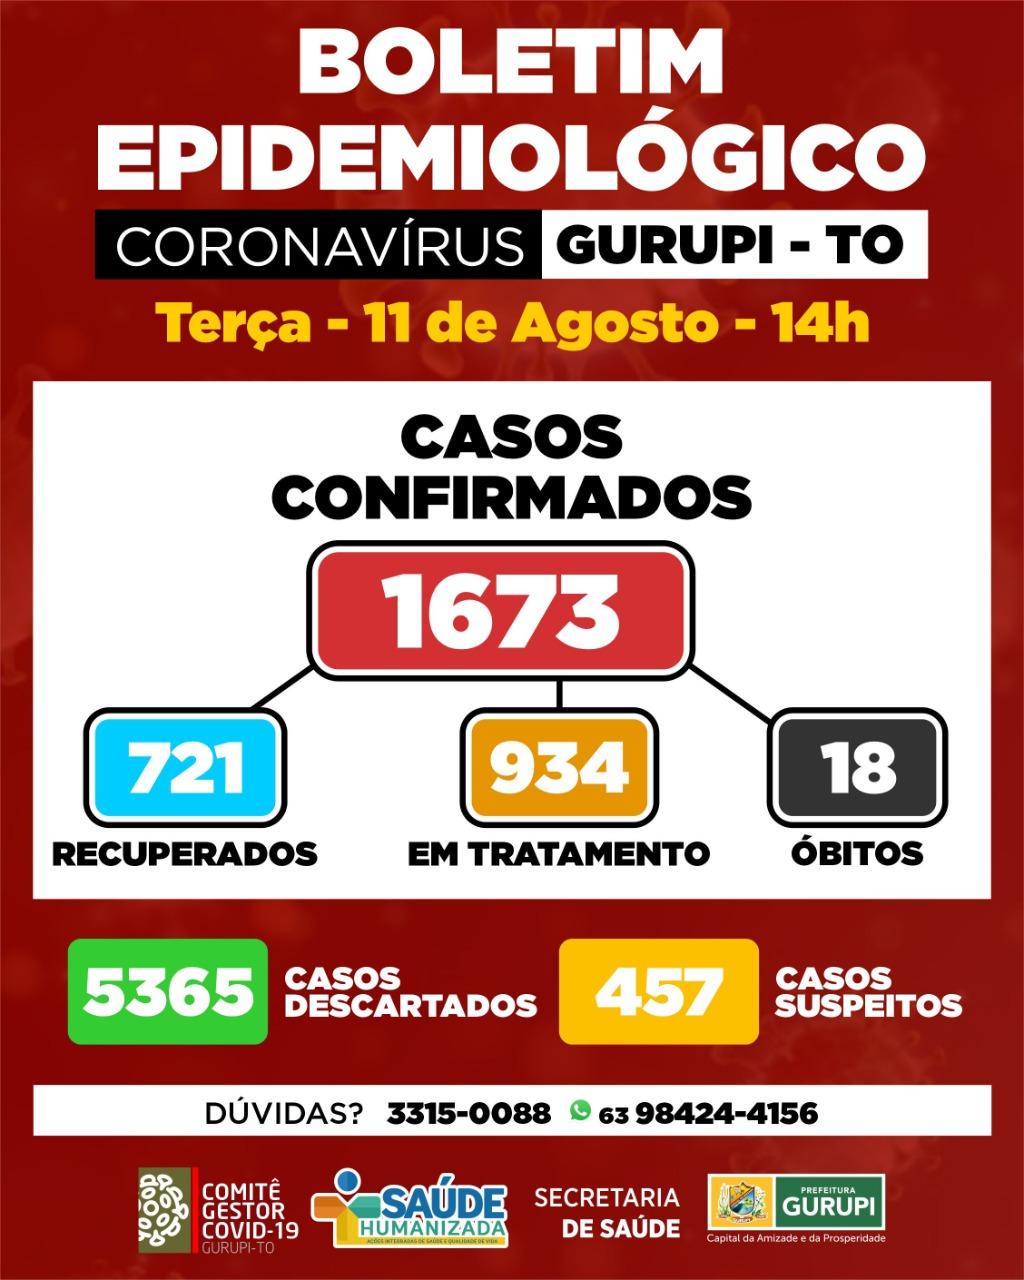 Boletim epidemiológico de Gurupi confirma 70 novos casos de coronavírus; 934 pacientes estão em tratamento